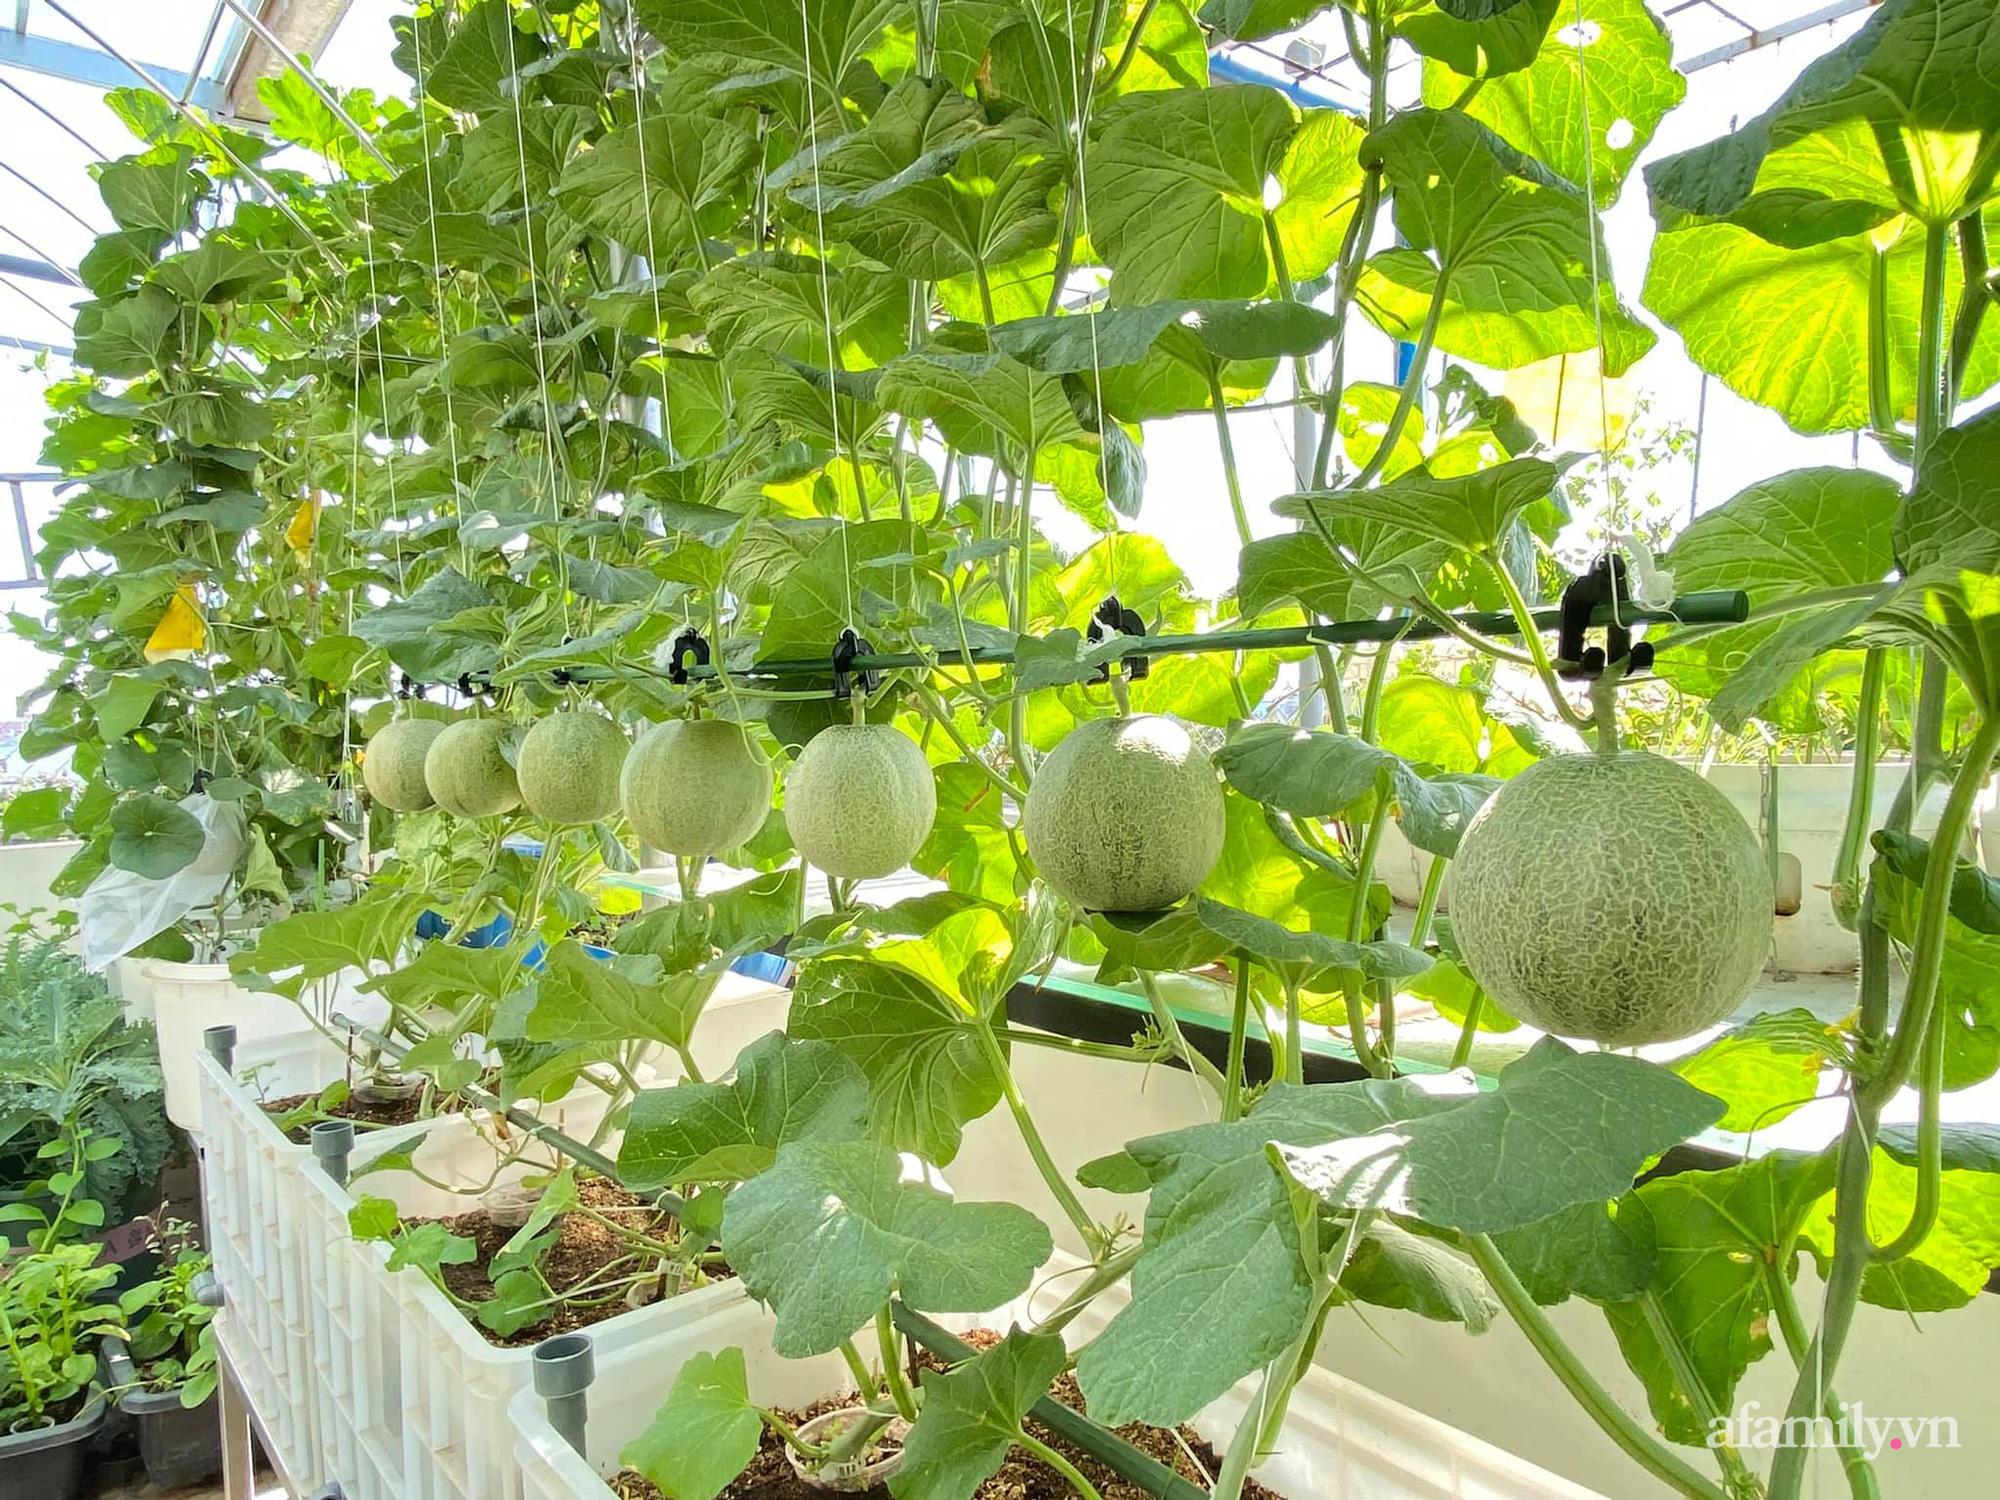 Giãn cách không ra khỏi nhà vẫn đủ rau quả thưởng thức nhờ vườn cây xanh um trên sân thượng ở Đà Nẵng - Ảnh 8.